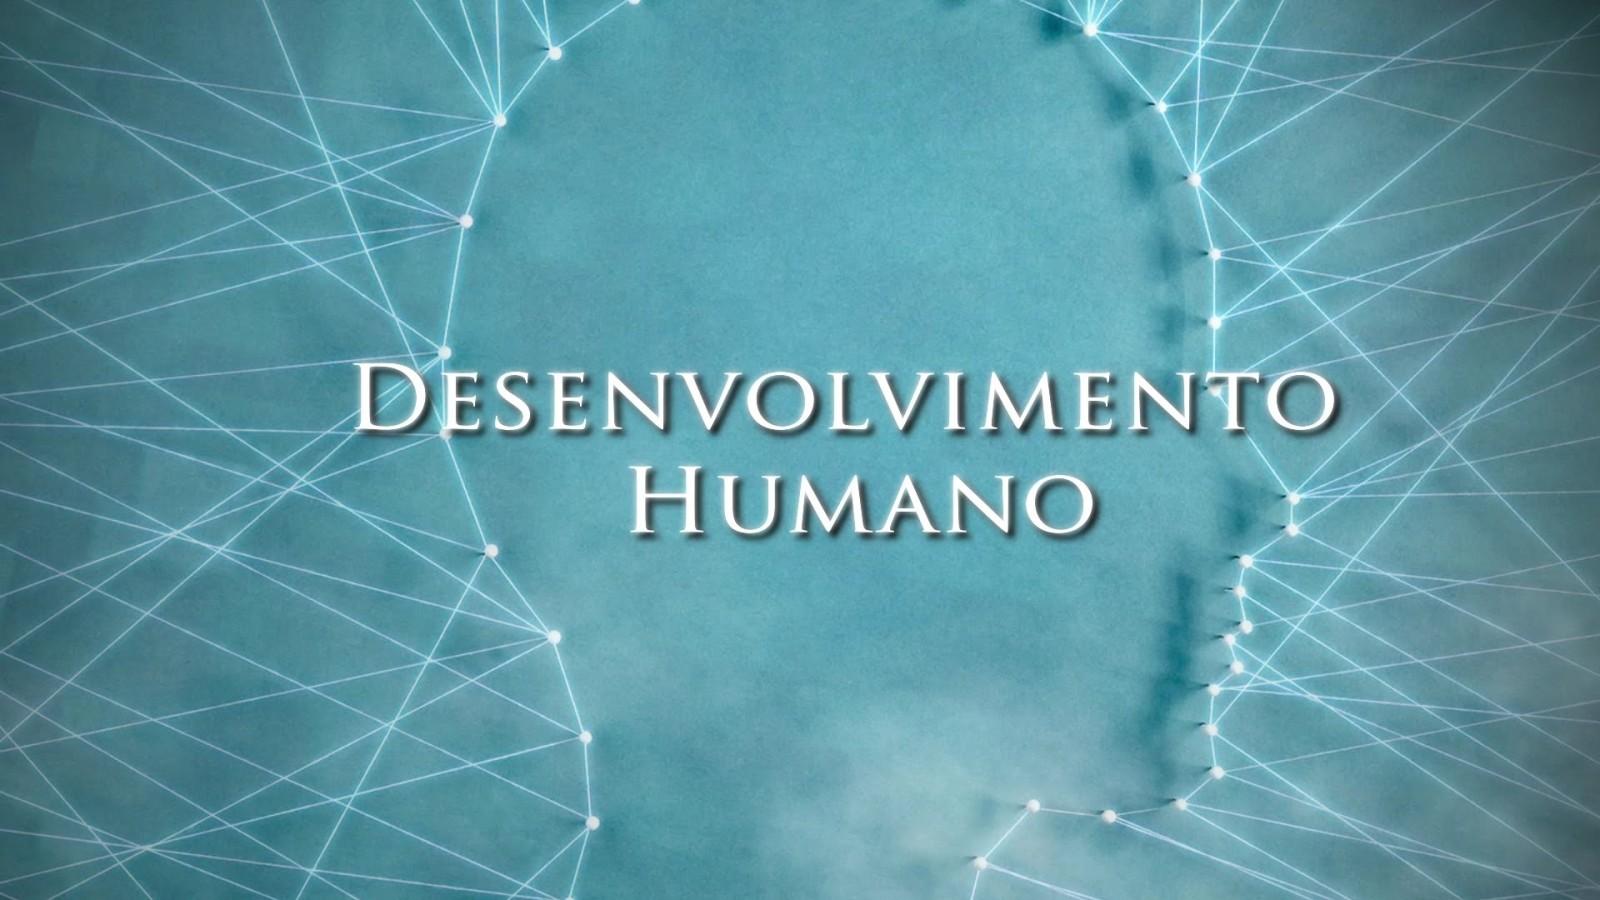 Desenvolvimento Humano e Melhoria Contínua